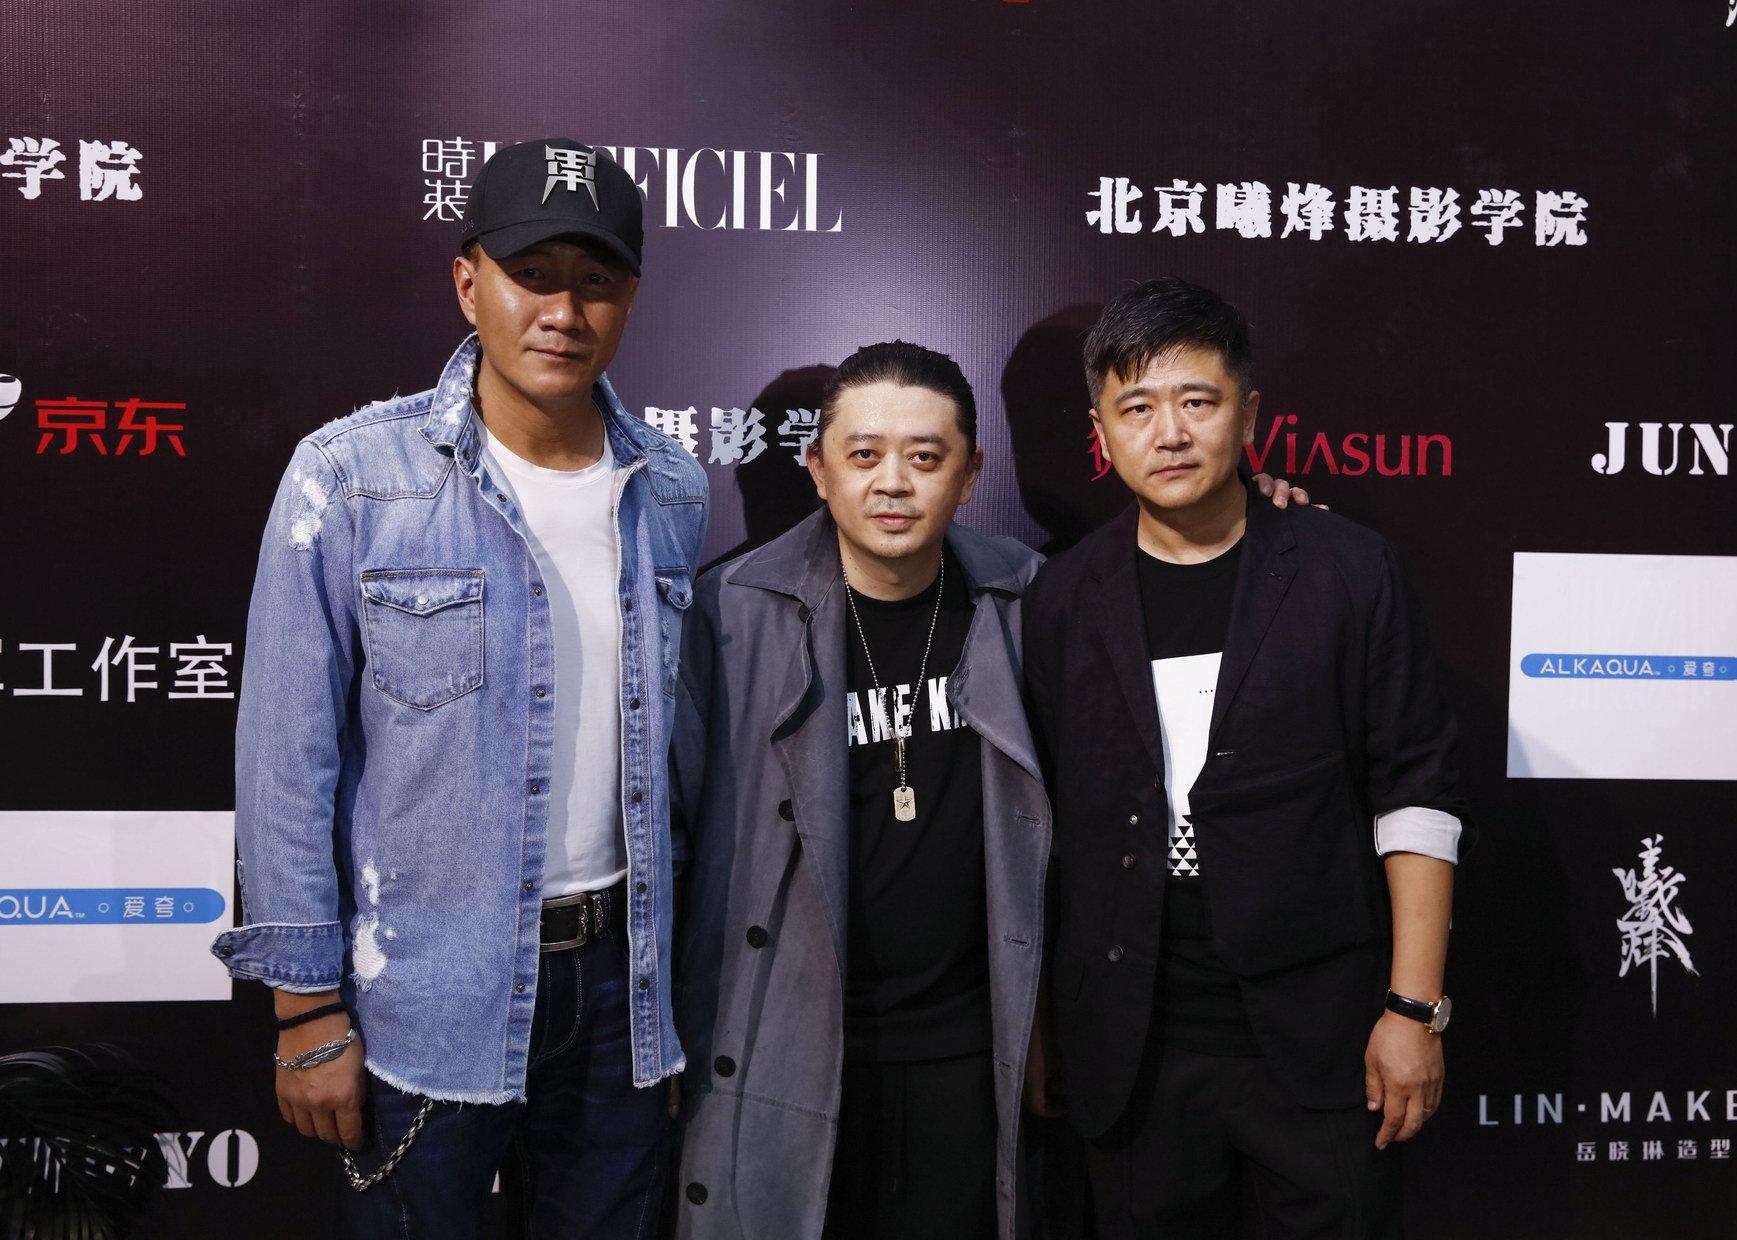 陆毅李宗翰丁薇等众星助阵,著名艺术家张曦个人作品展在京举办